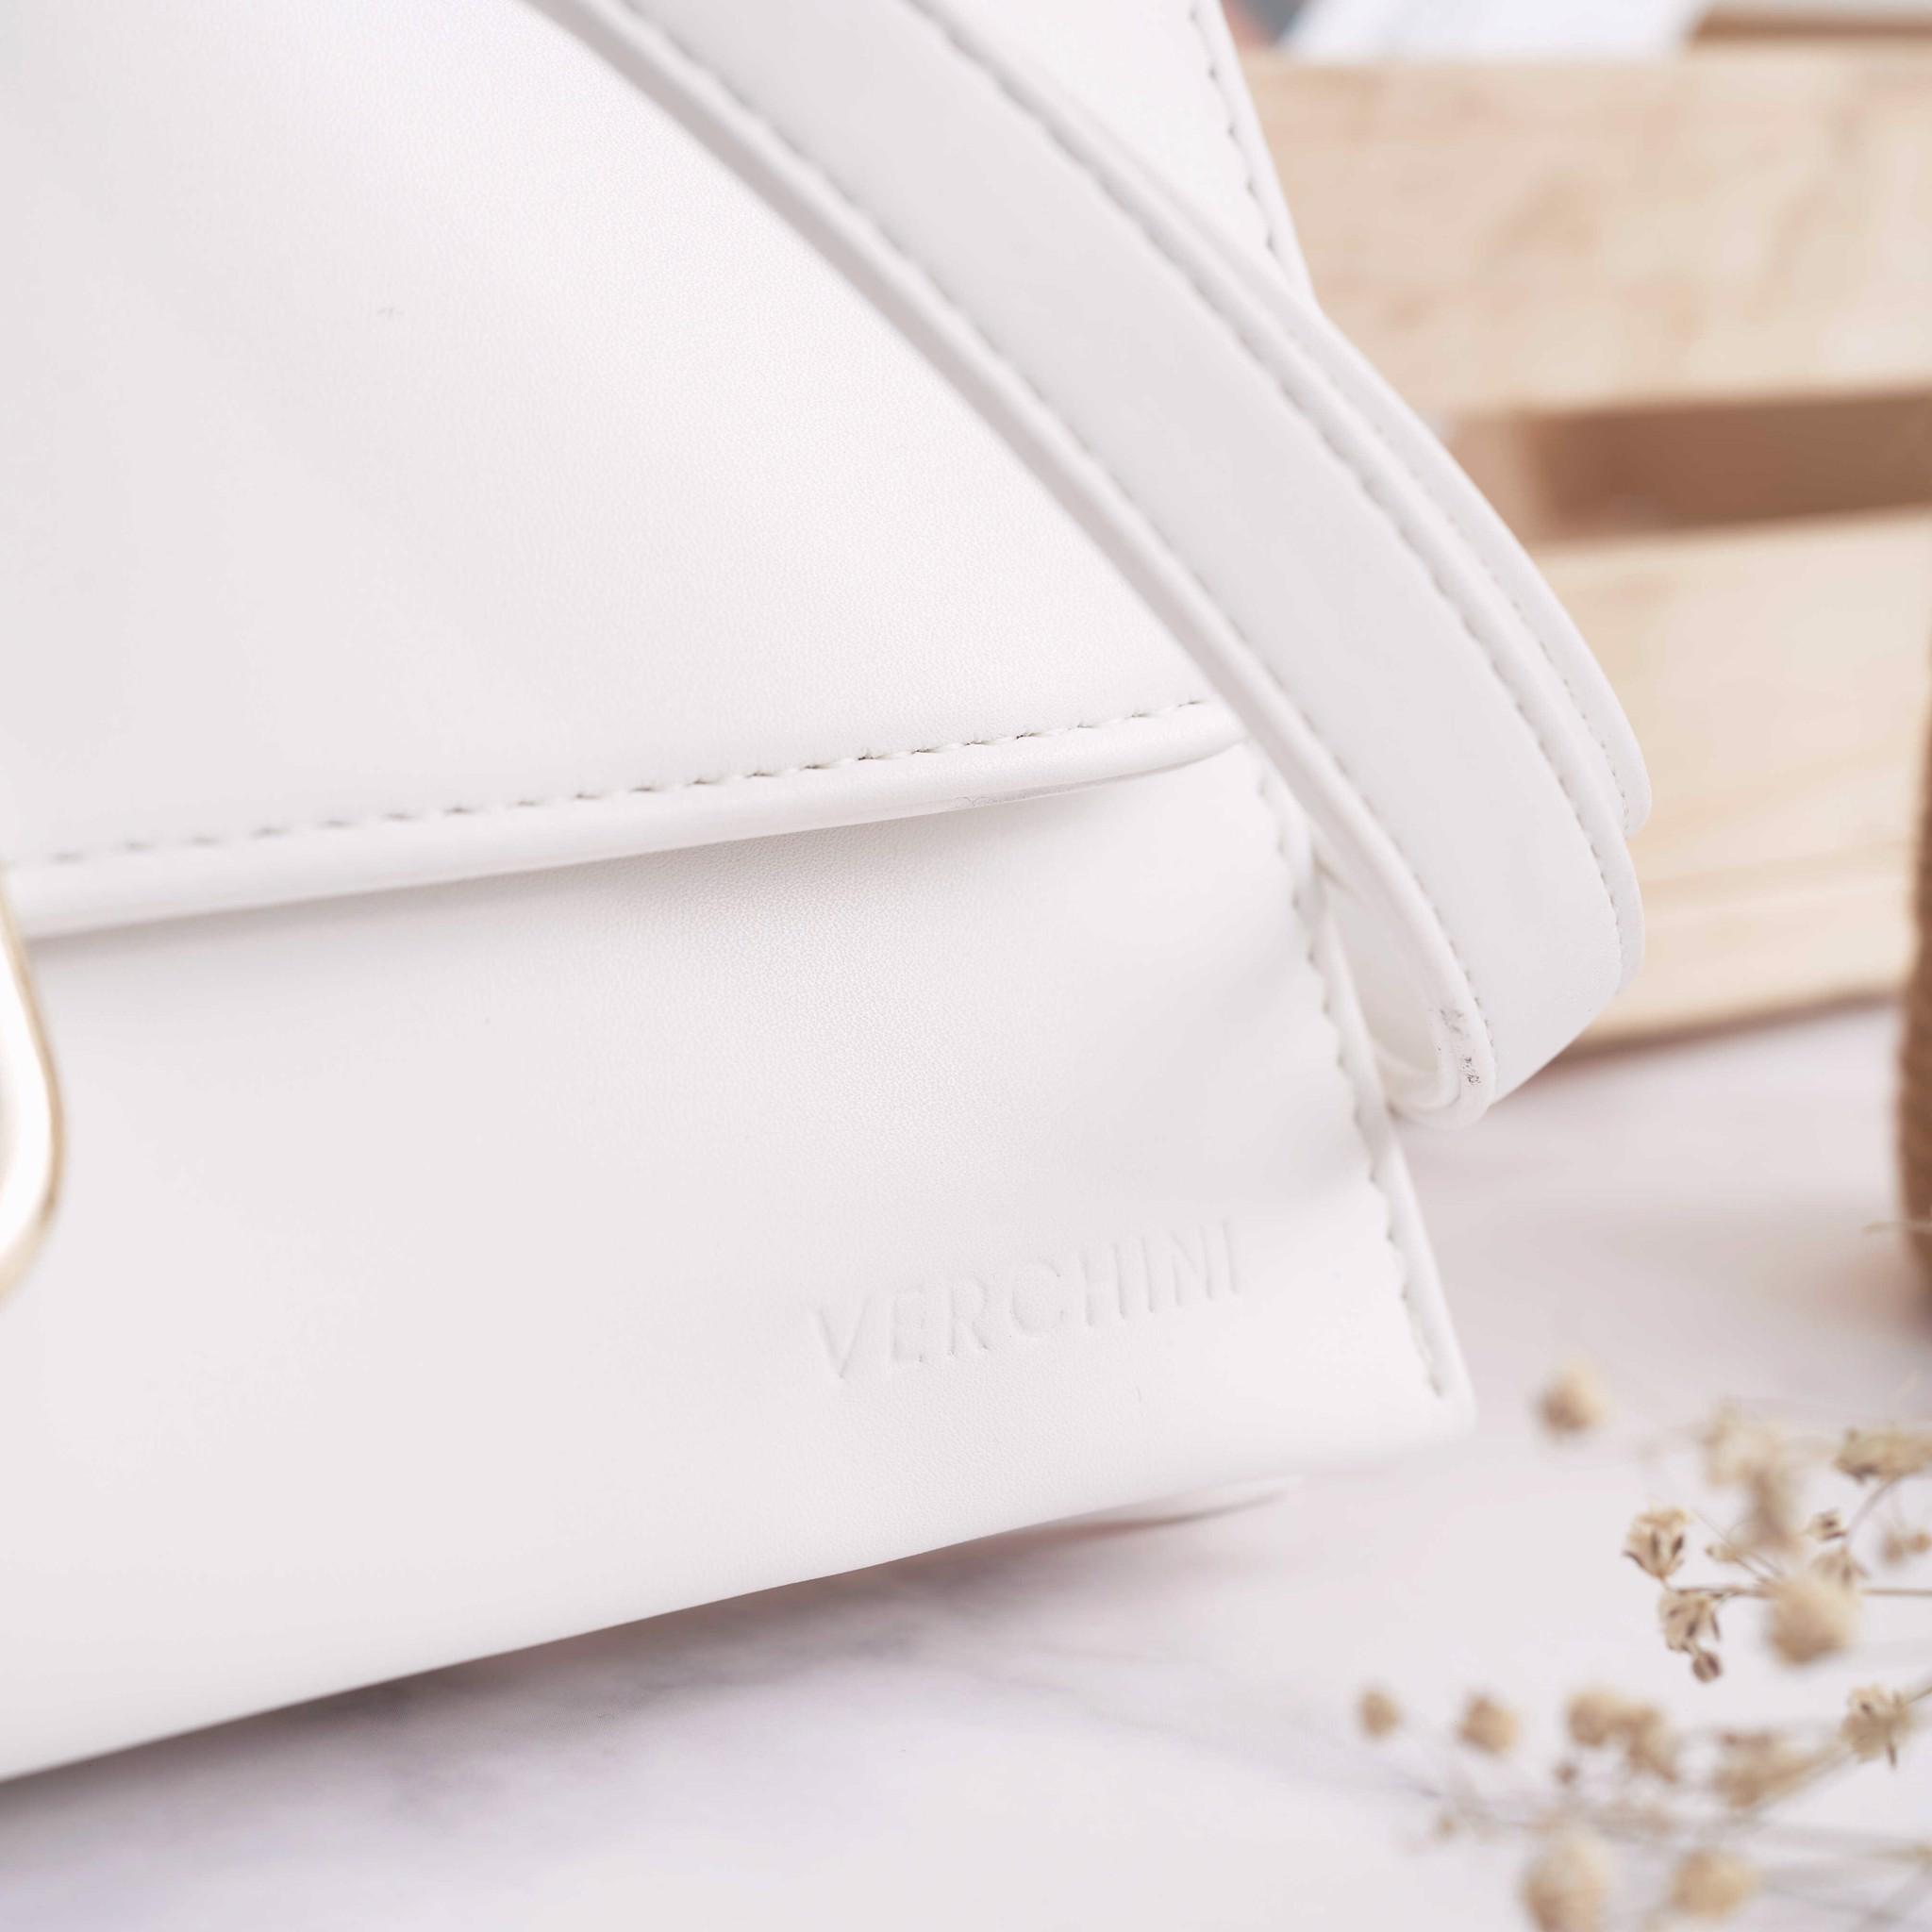 Túi xách thời trang Verchini Túi CN 3 ngăn khóa Oval